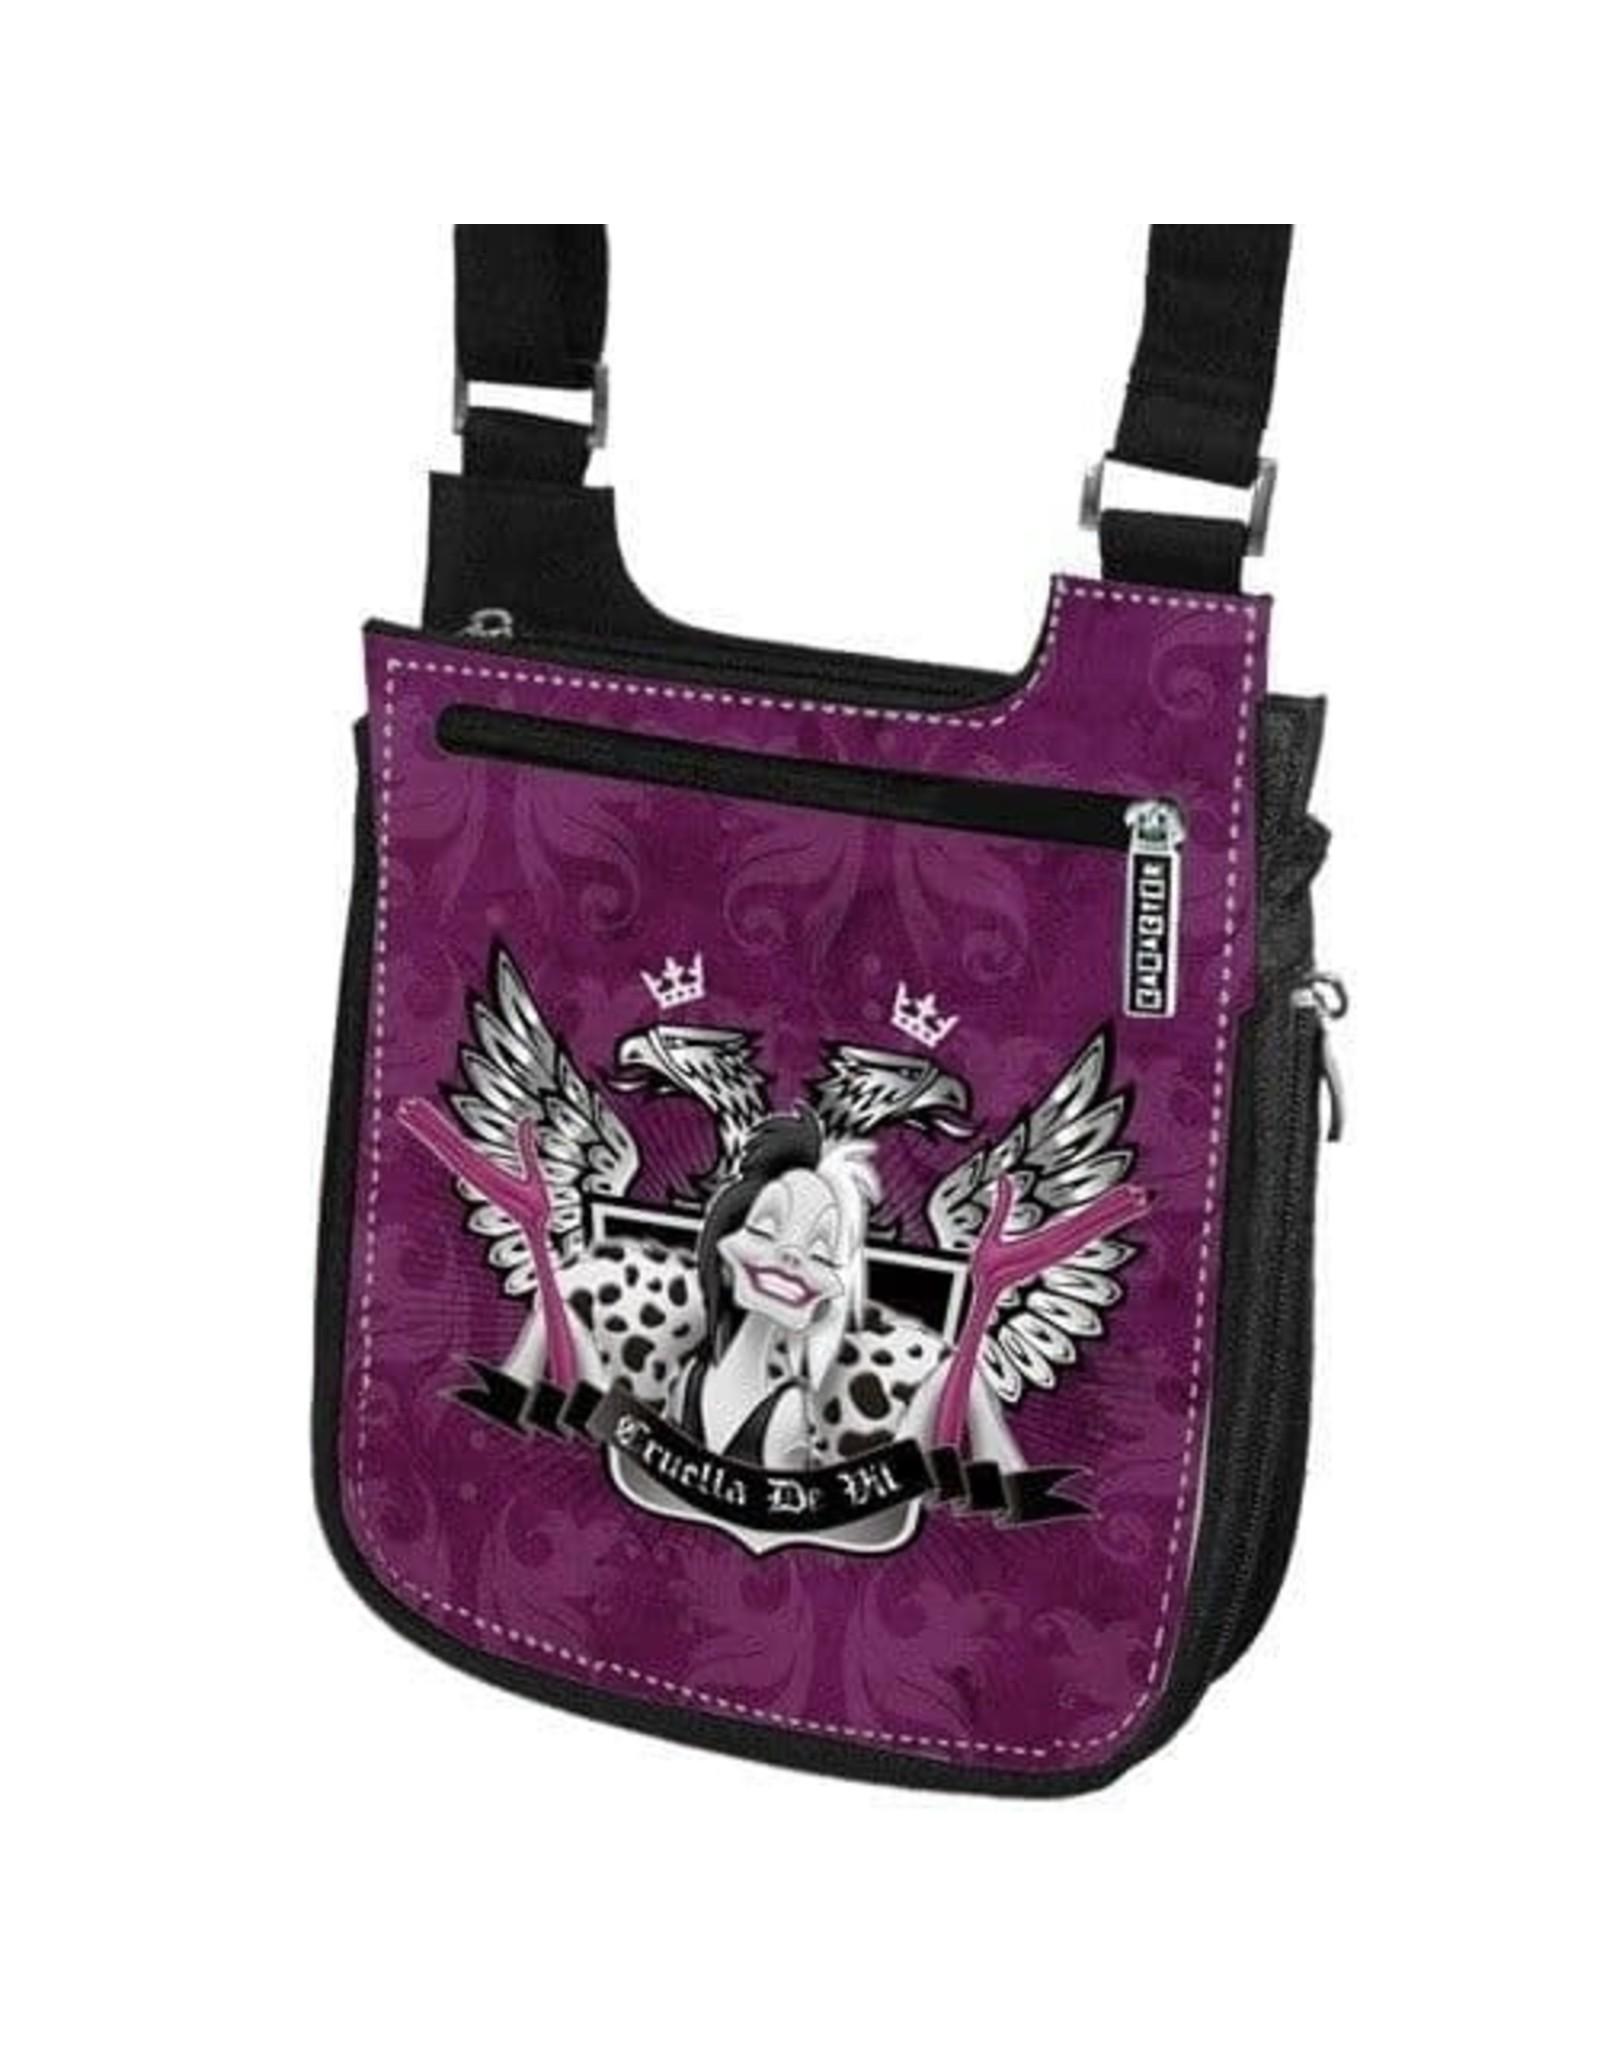 Disney Disney bags - Disney shoulder bag Cruella de Vil